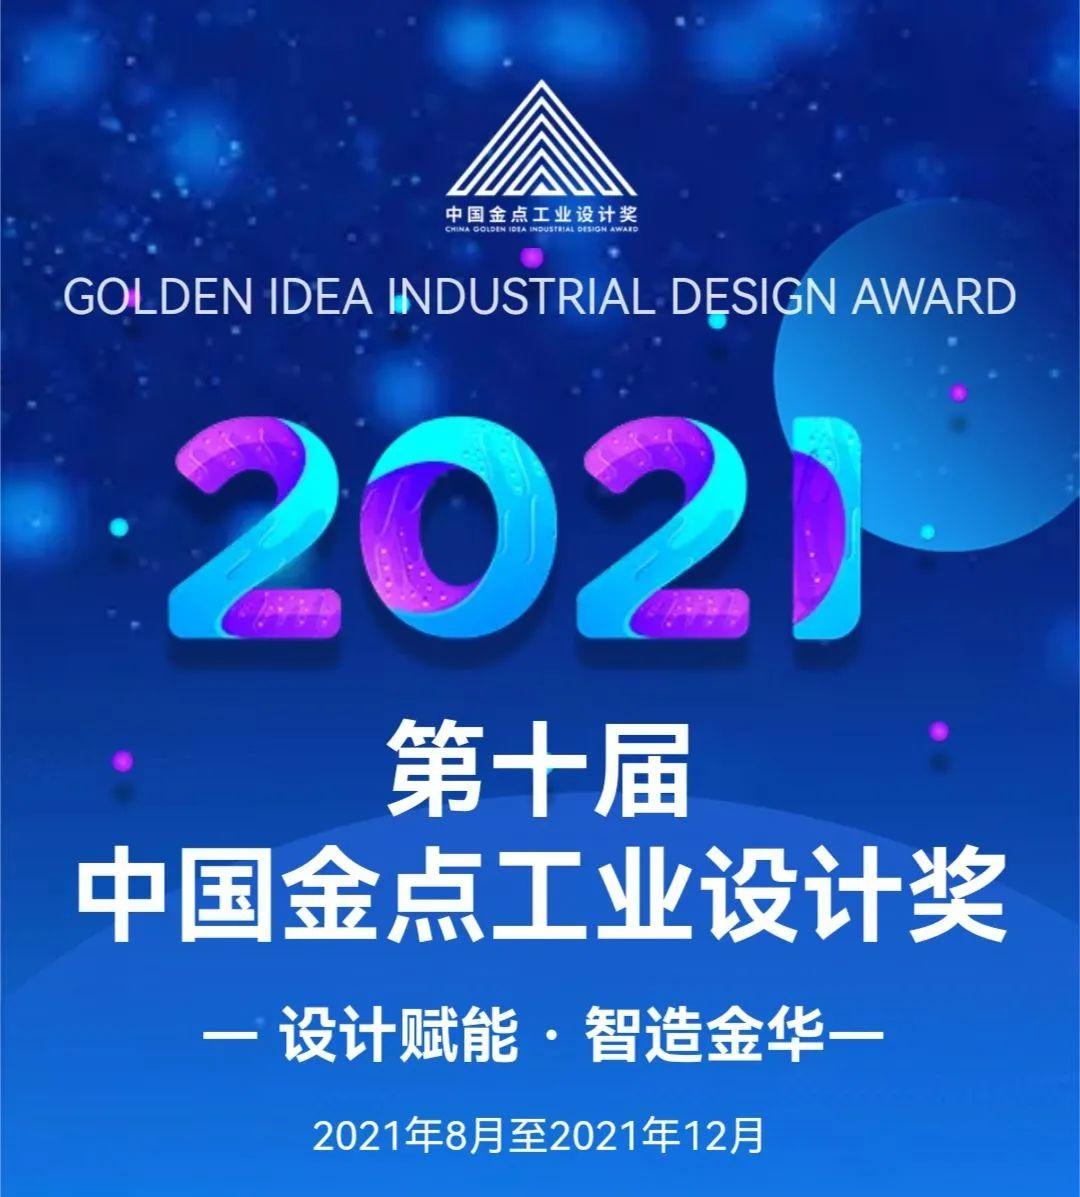 2021「設計賦能.智造金華」第十屆中國金點工業設計獎